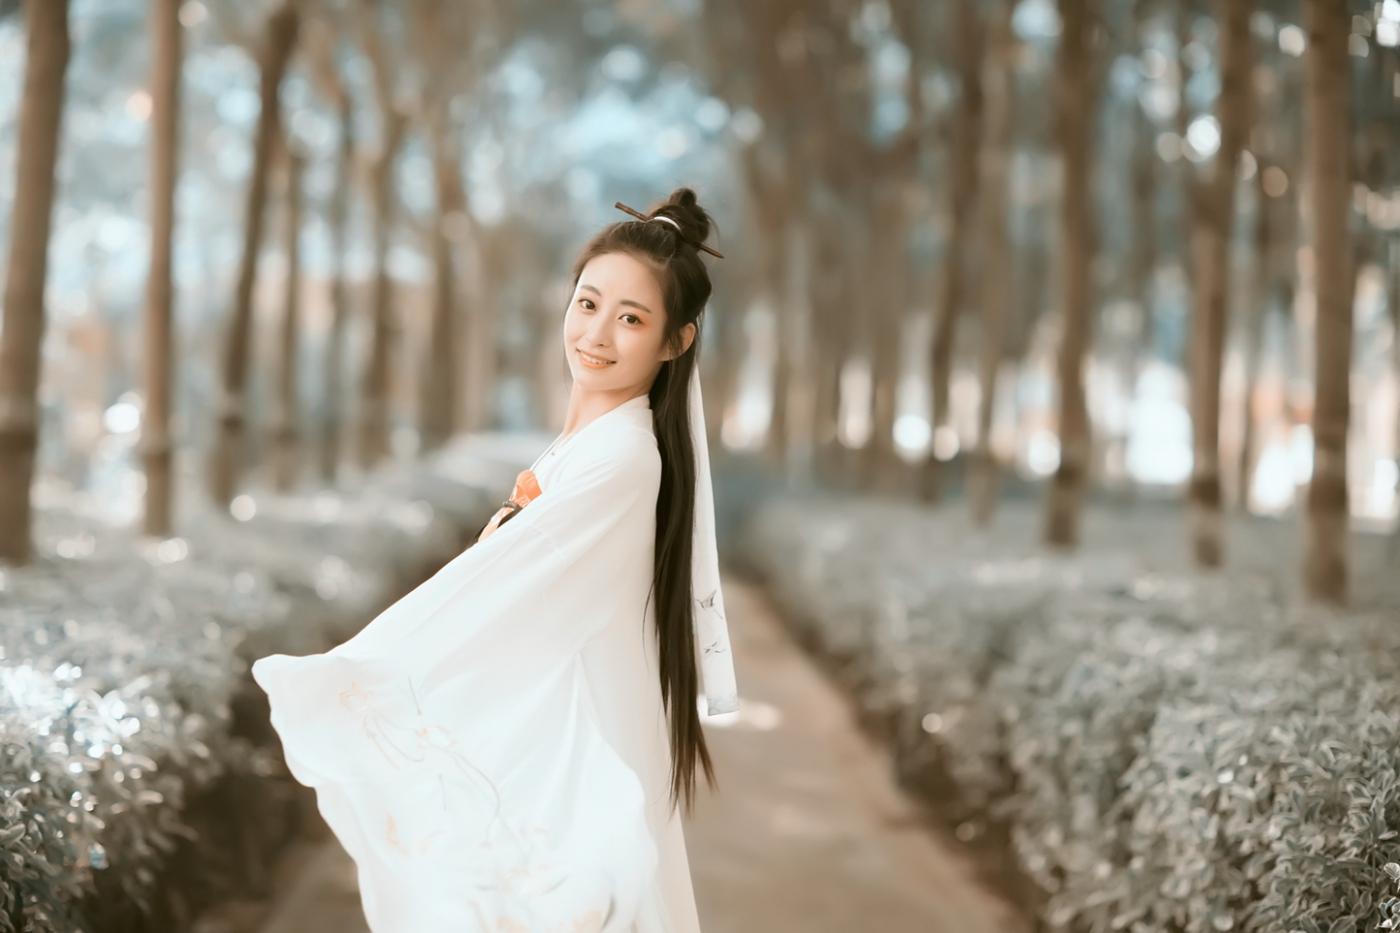 临沂大学汉服女孩张子怡的汉服梦 路边的演绎_图1-11